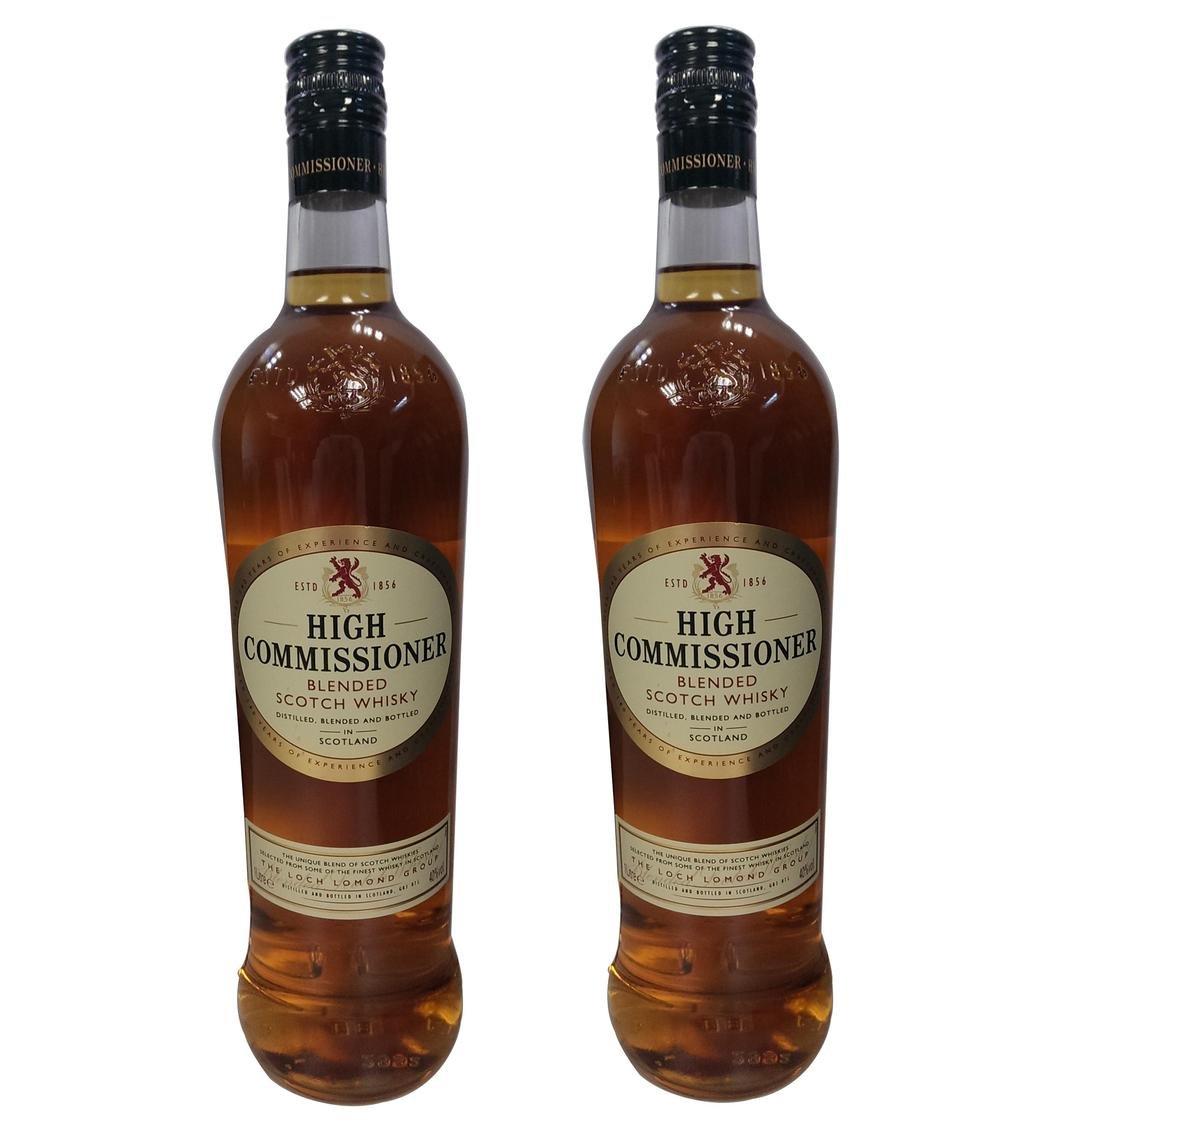 至尊蘇格蘭威士忌 1000毫升 40%酒精度 2支